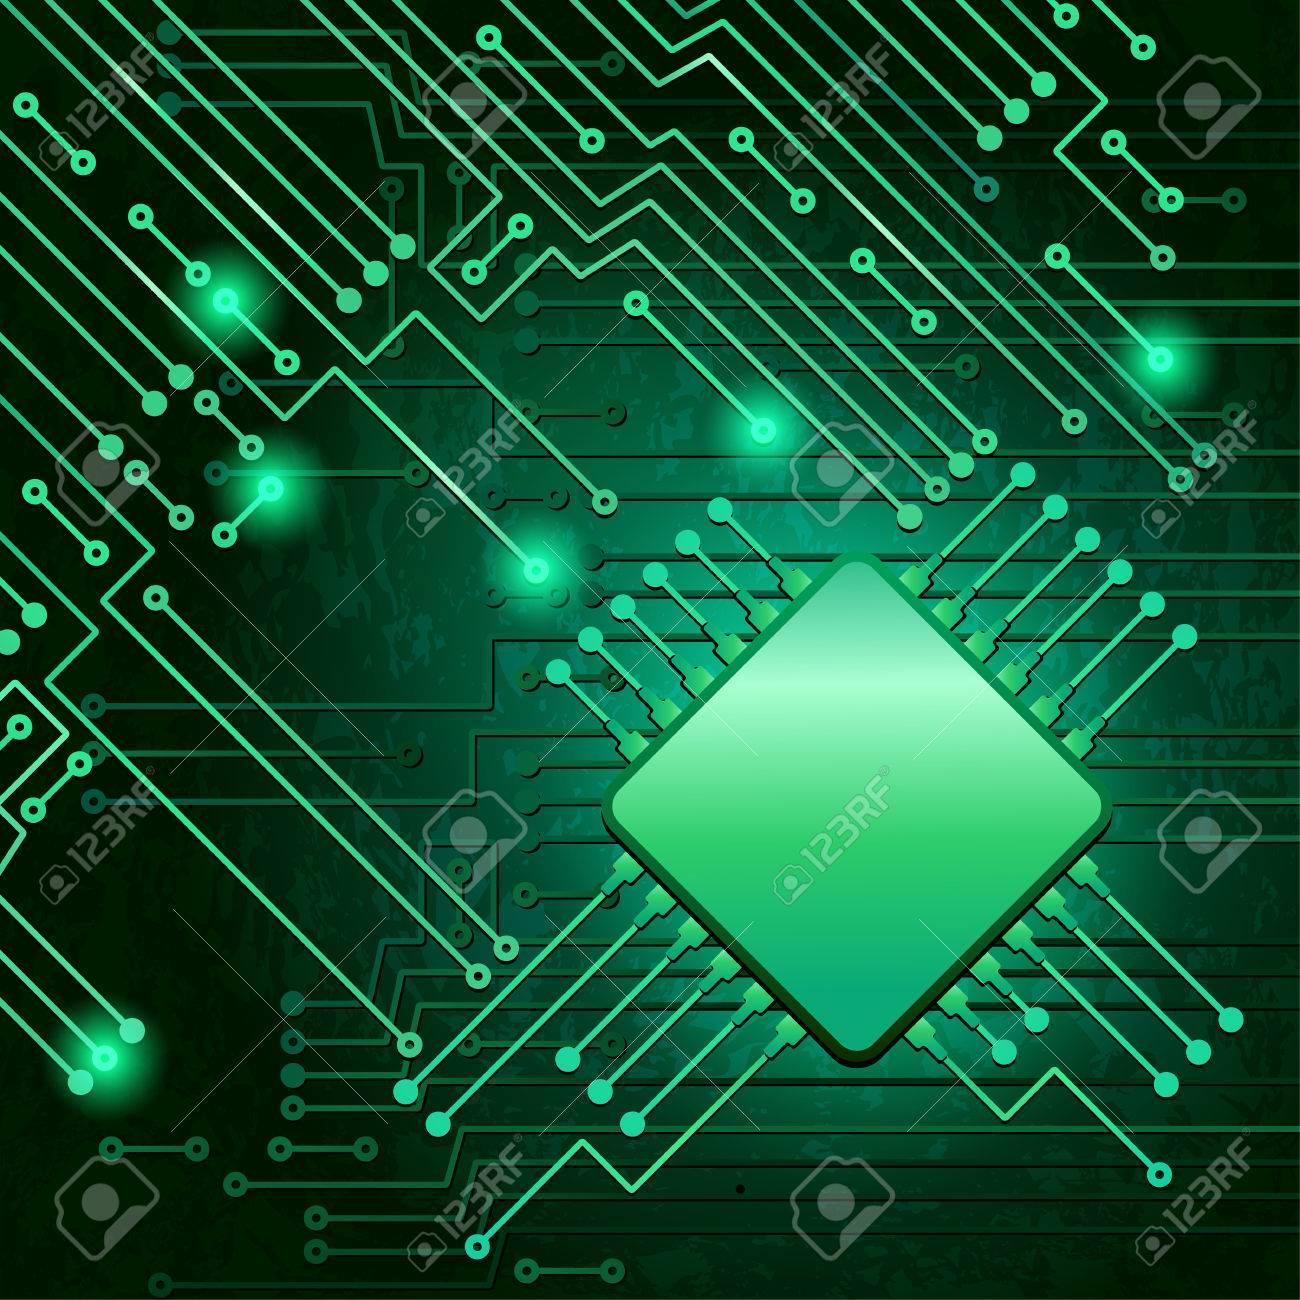 Circuito Electronico : Dibujo circuito electrónico moderno en fondo verde ilustraciones